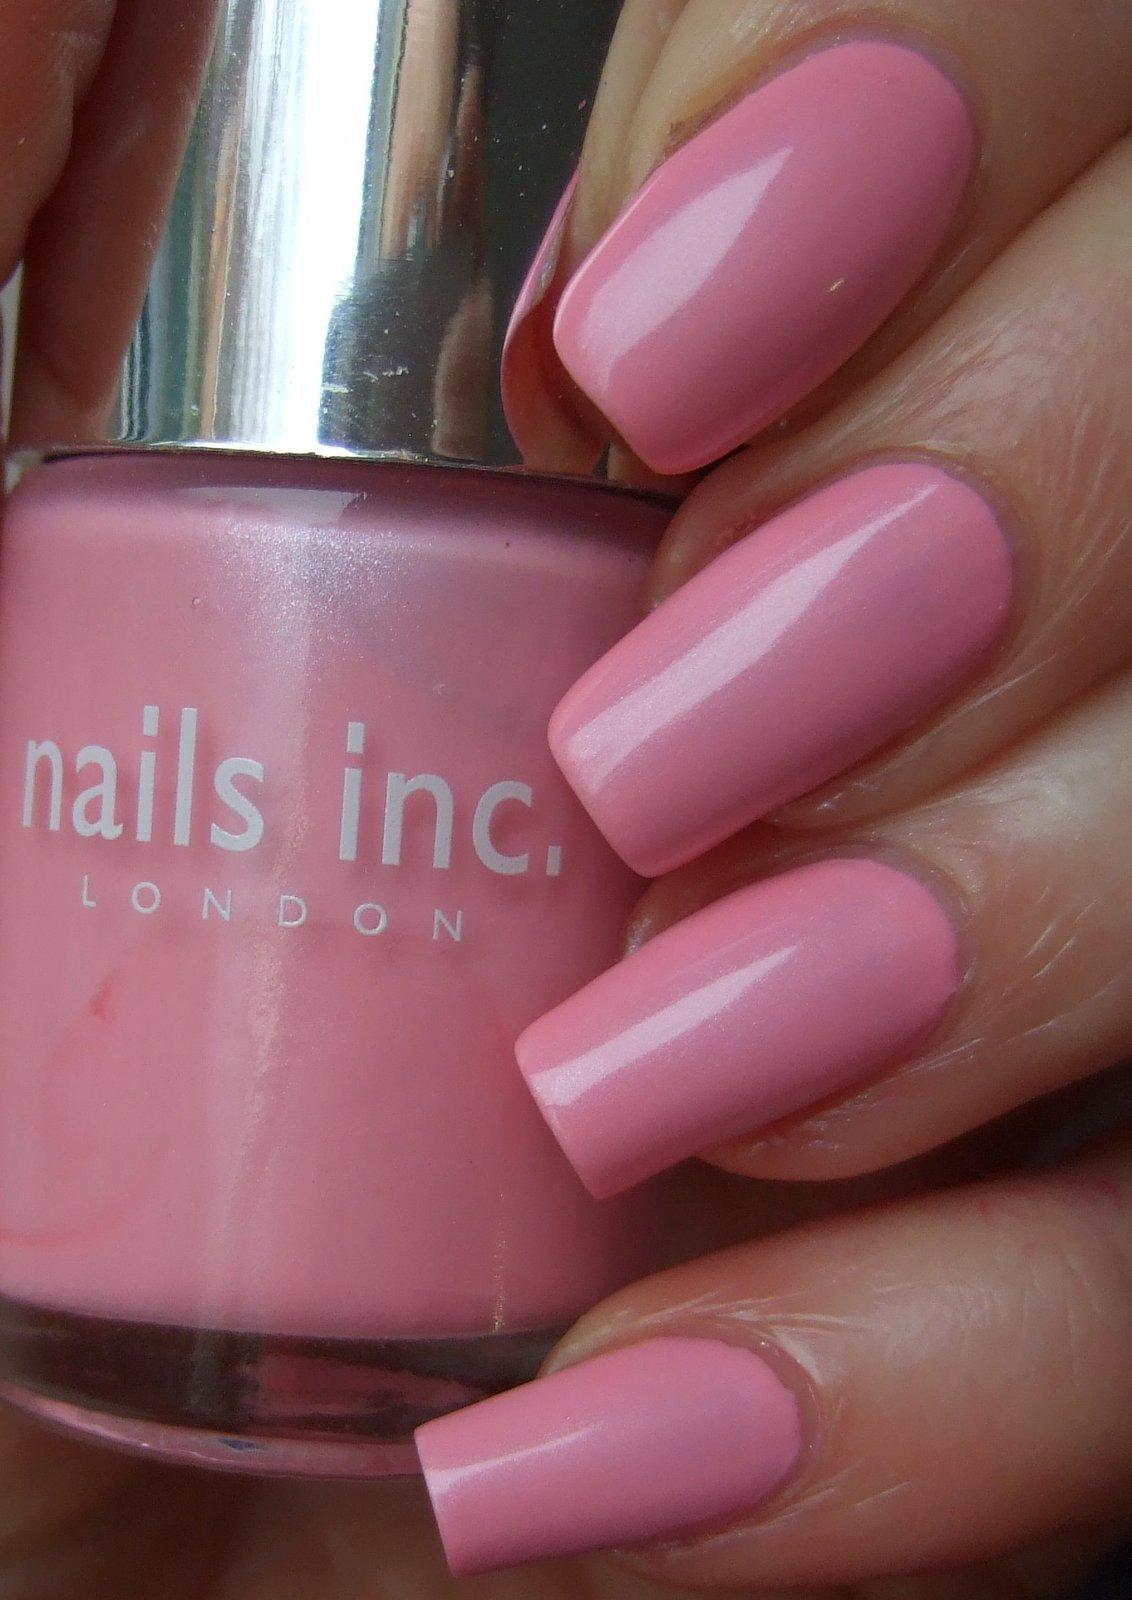 Polishtopia: Nails Inc - Regents Place